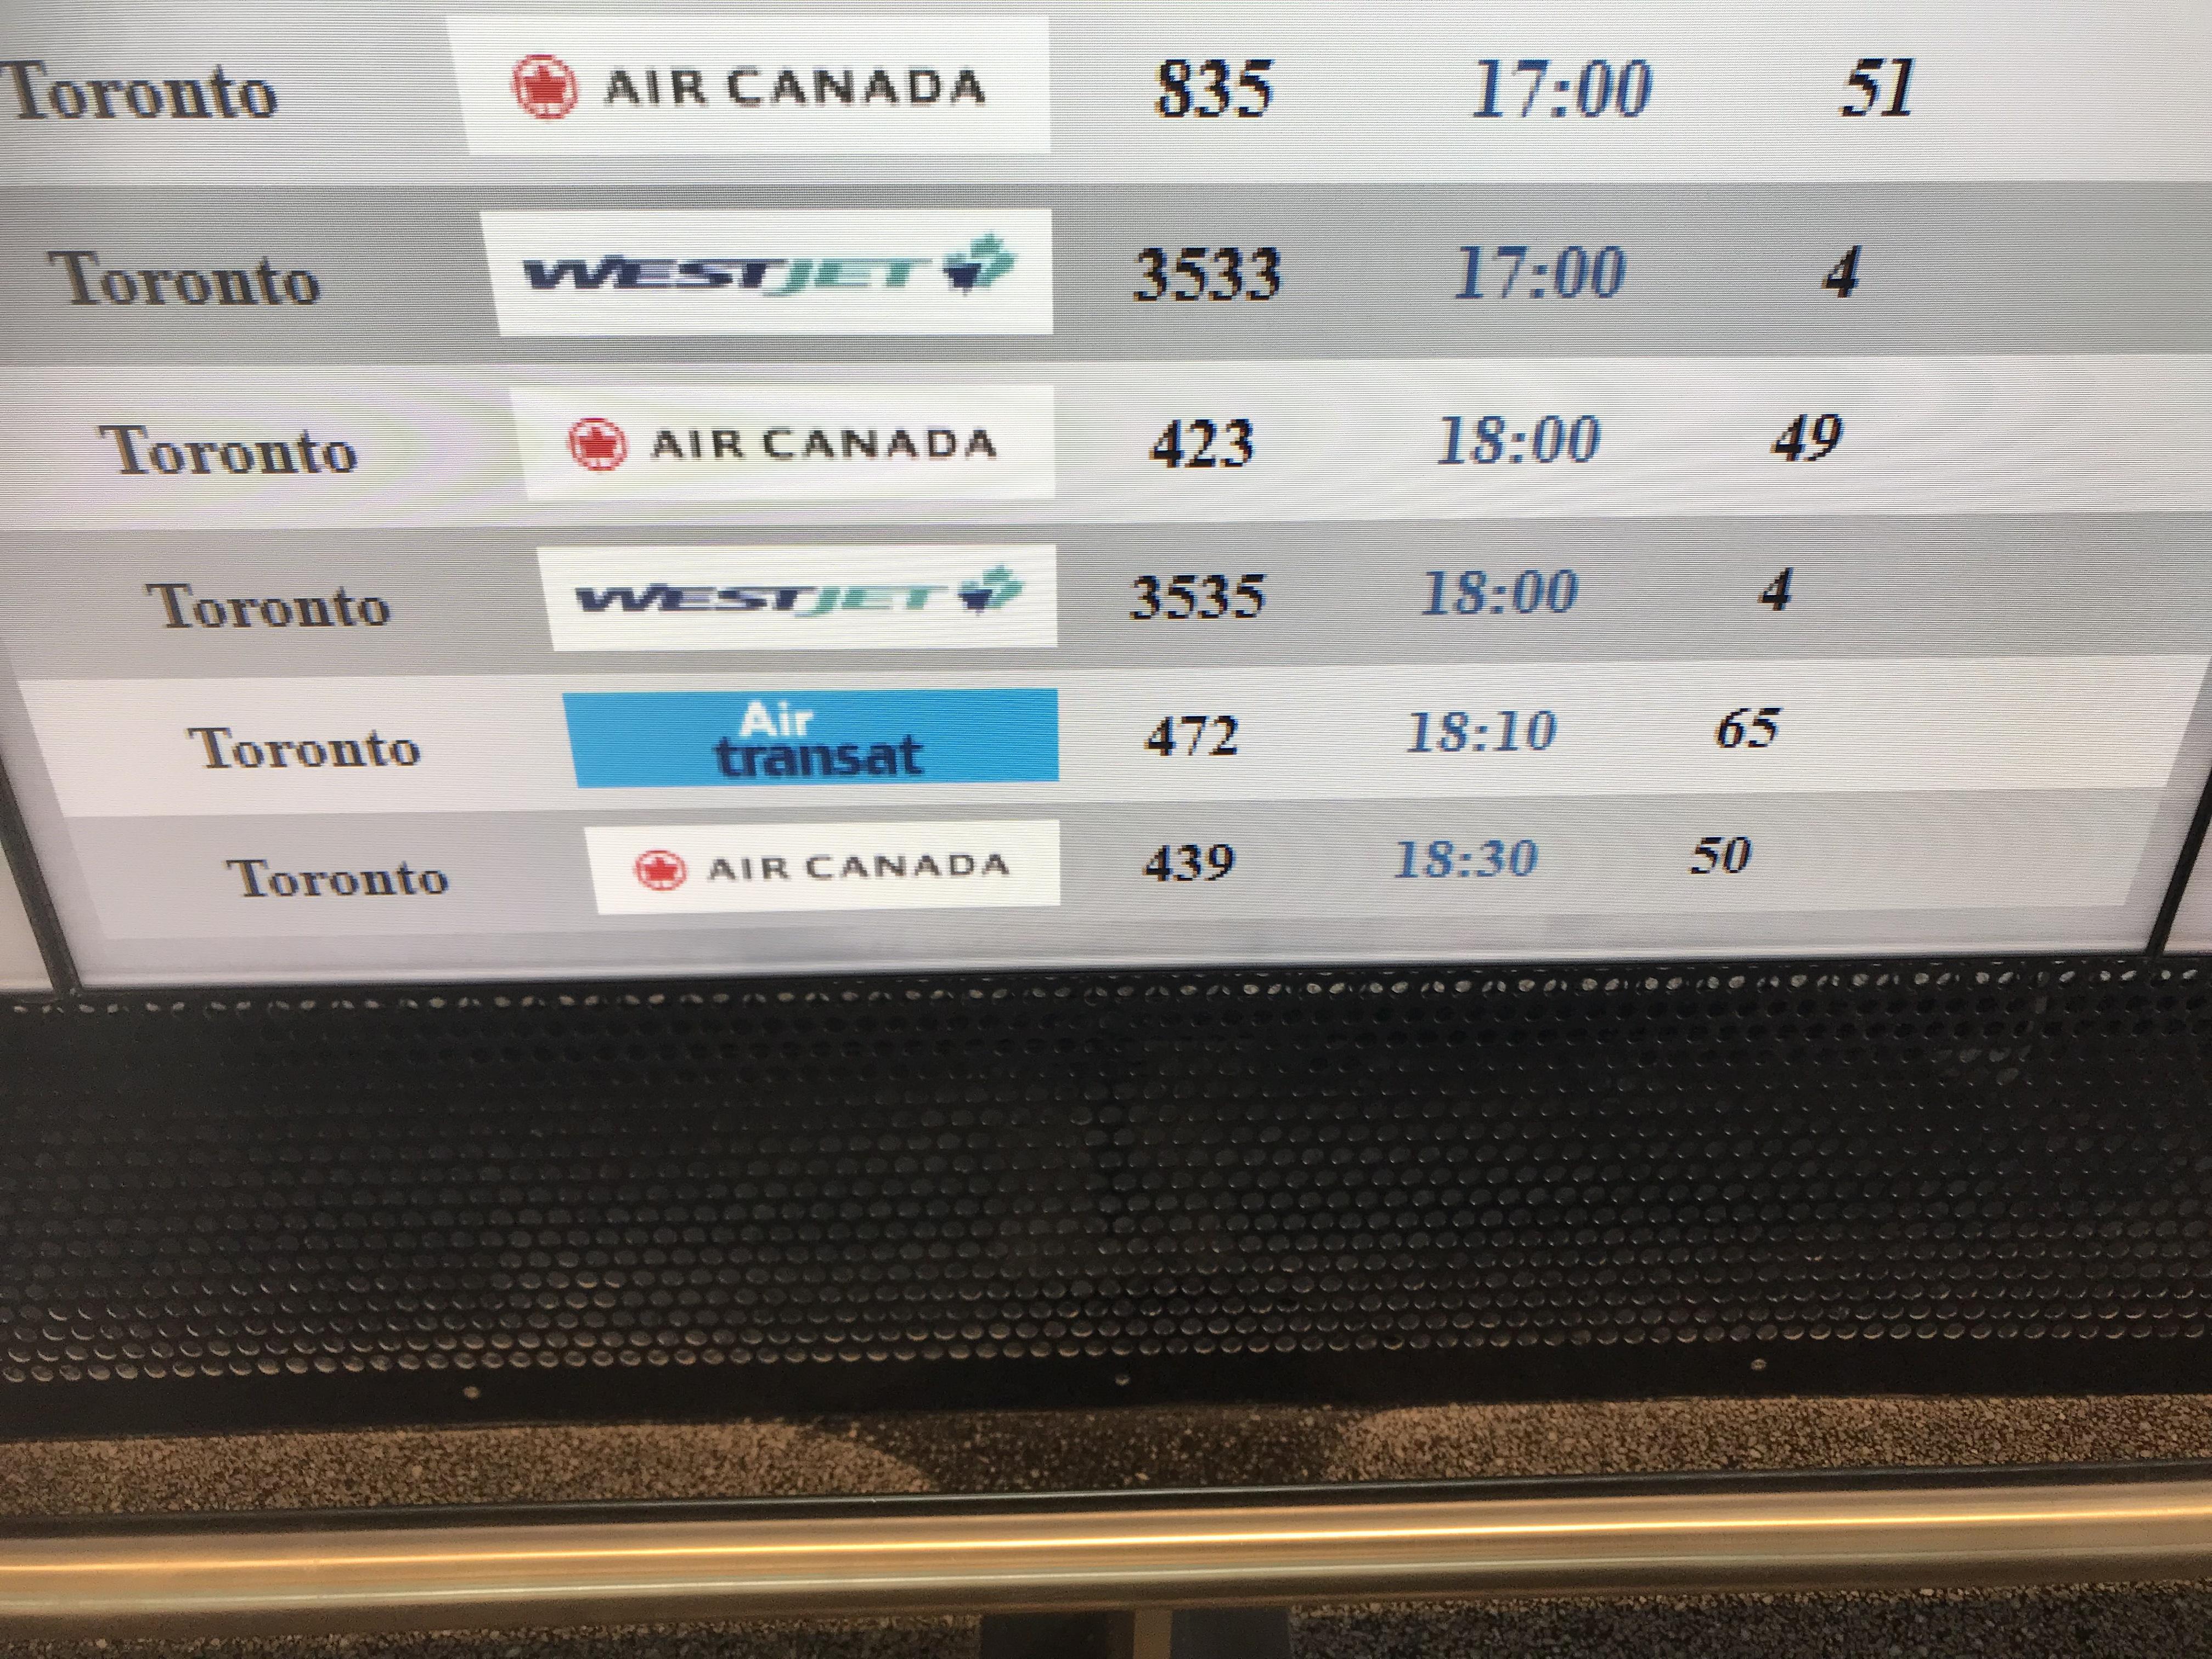 【航空会社レビュー⑫】カナダ エアトランサット 検索しても事故の情報ばっかり?